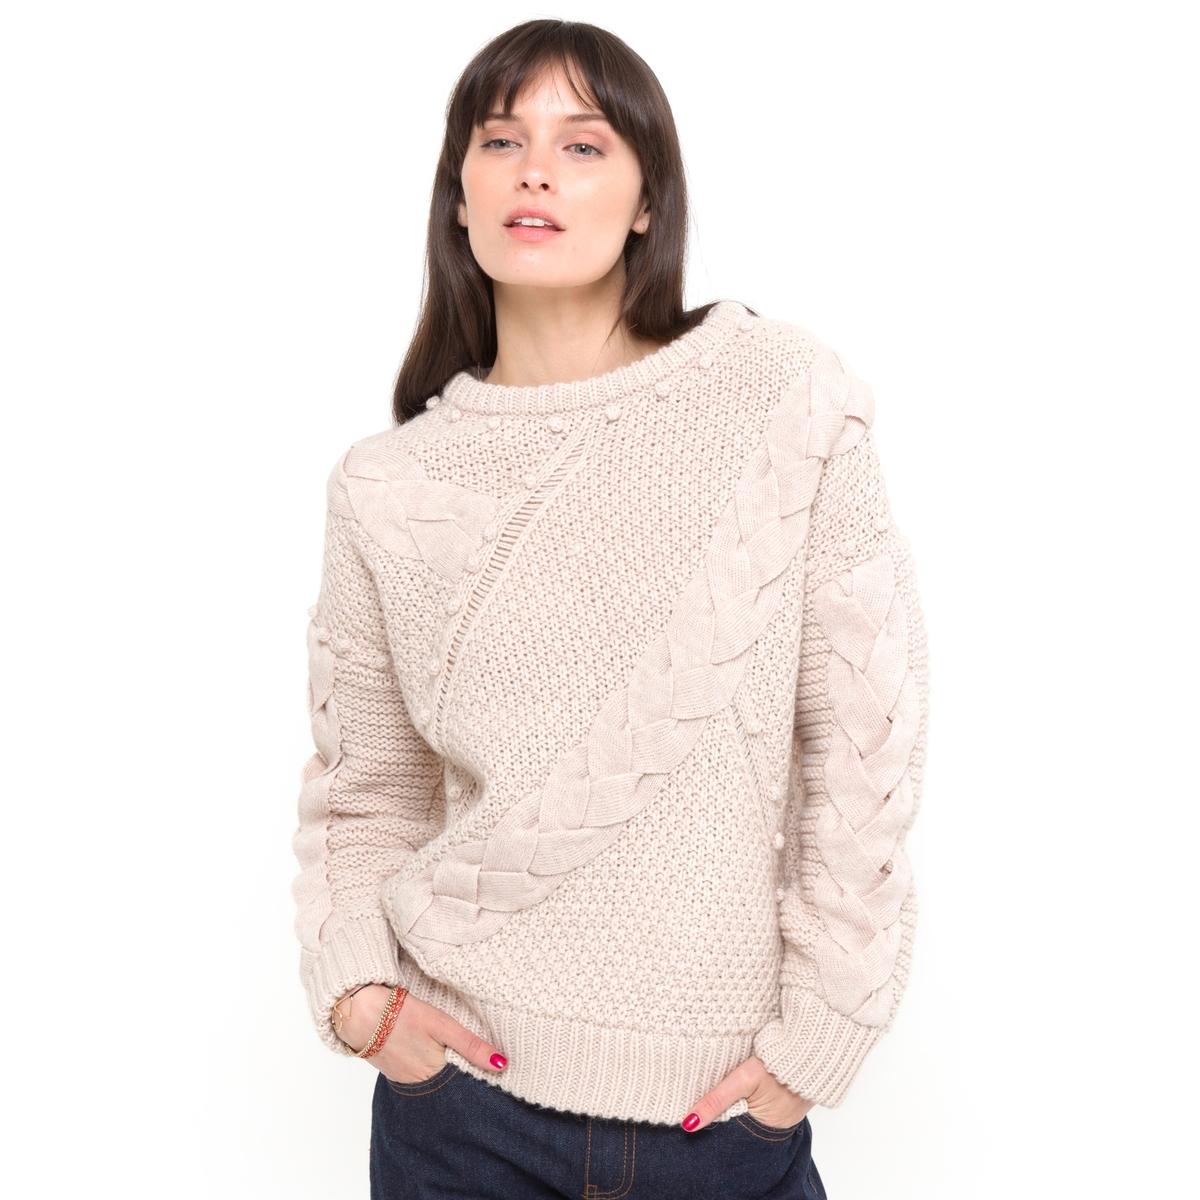 Пуловер, 15% шерстиПуловер из трикотажа, 75% акрила, 15% шерсти, 10% альпаки.   Узор косы, ажурные детали, декоративные помпоны спереди и на рукавах.   Края рукавов и низа связаны в рубчик. Длина 62 см.Женственная модель из мягкого и теплого трикотажа!<br><br>Цвет: слоновая кость<br>Размер: 42/44 (FR) - 48/50 (RUS).46/48 (FR) - 52/54 (RUS)